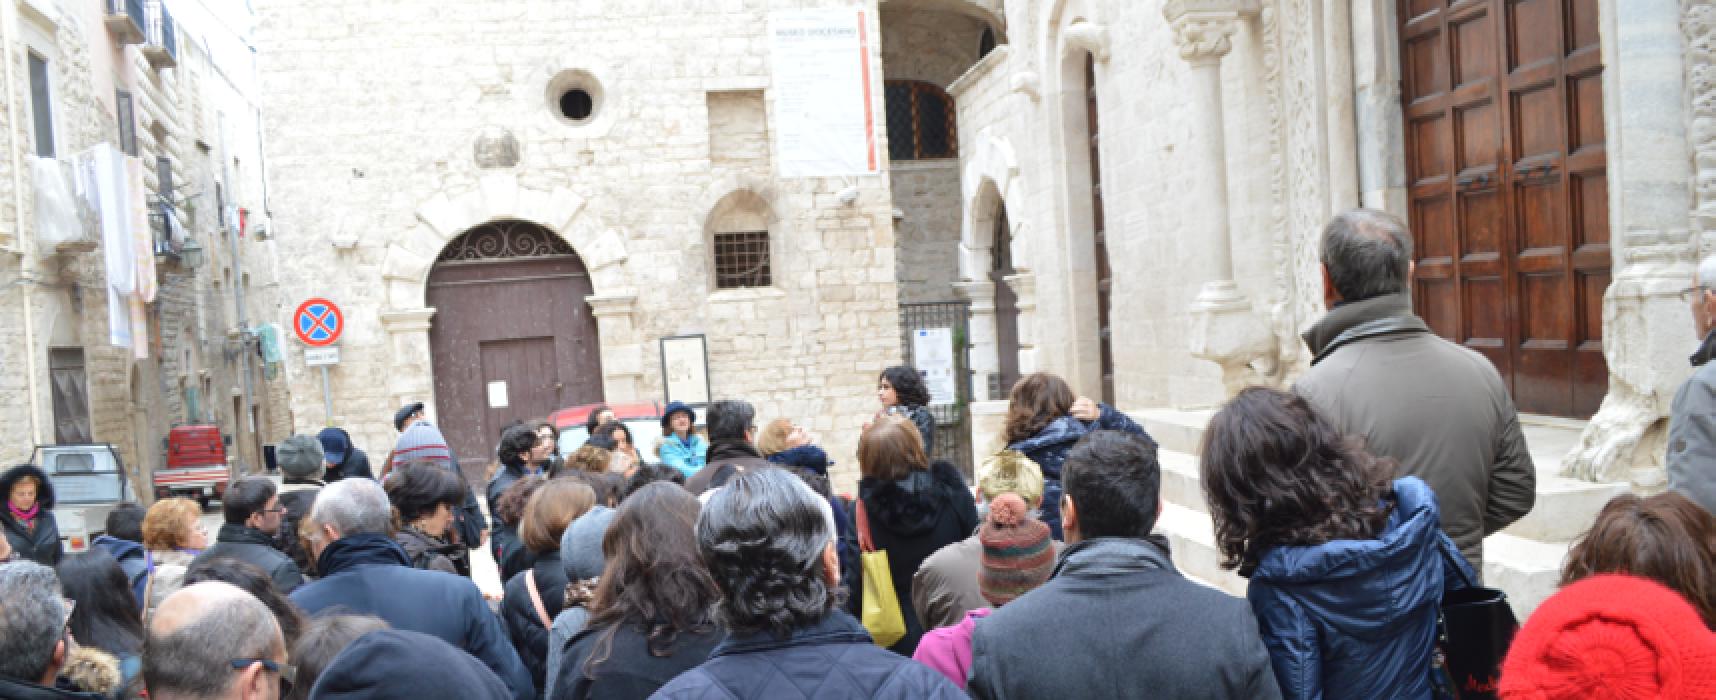 Puglia Open Days 2014, visite guidate gratuite ogni sabato anche a Bisceglie